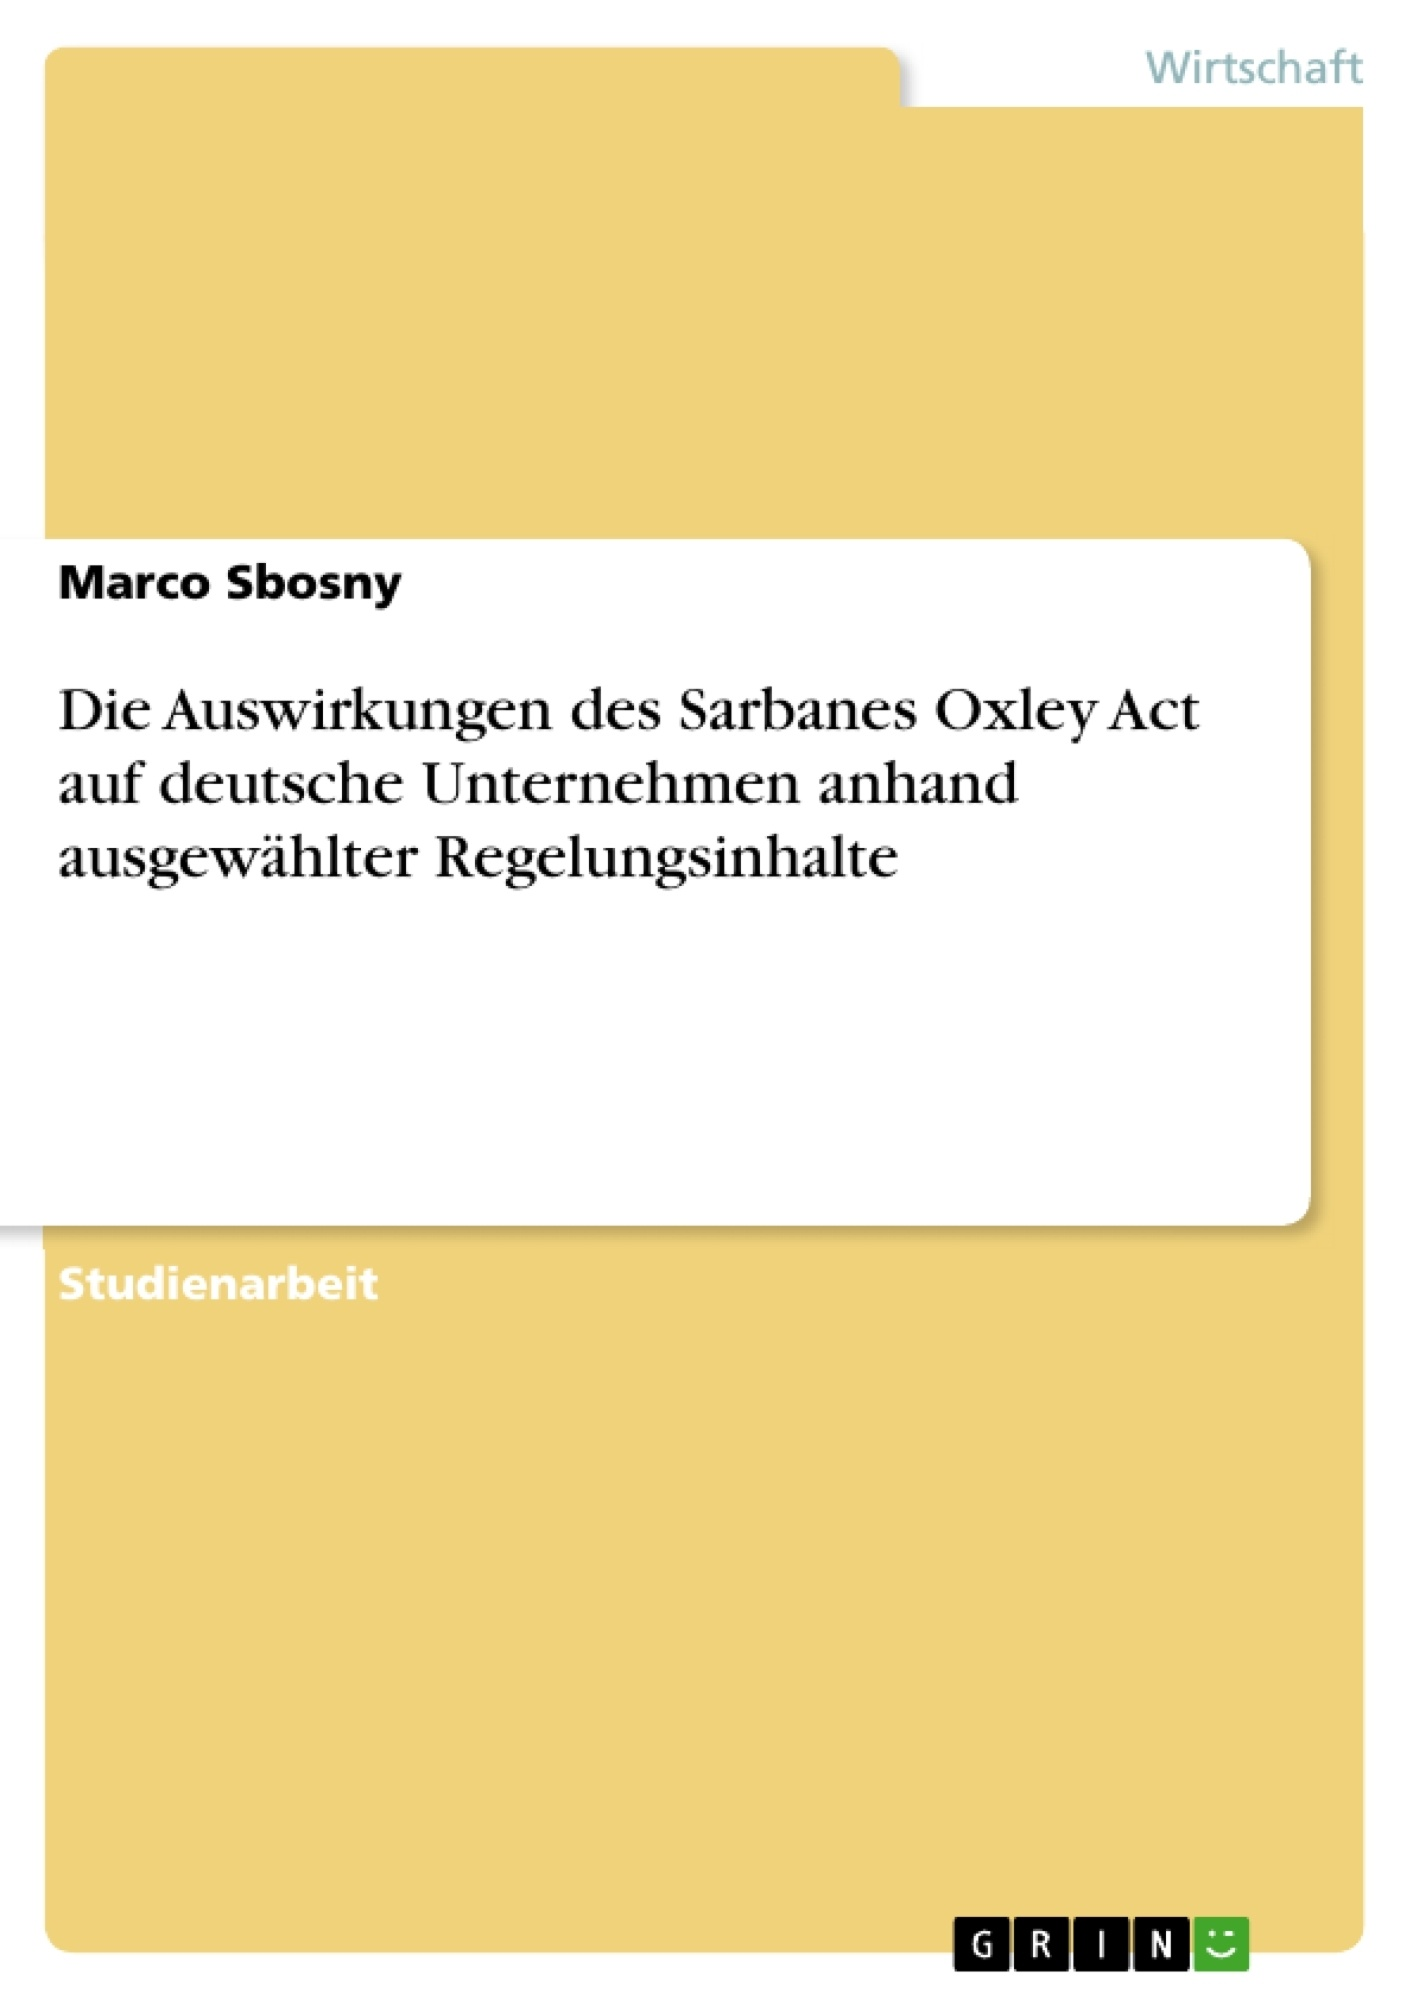 Titel: Die Auswirkungen des Sarbanes Oxley Act auf deutsche Unternehmen anhand ausgewählter Regelungsinhalte